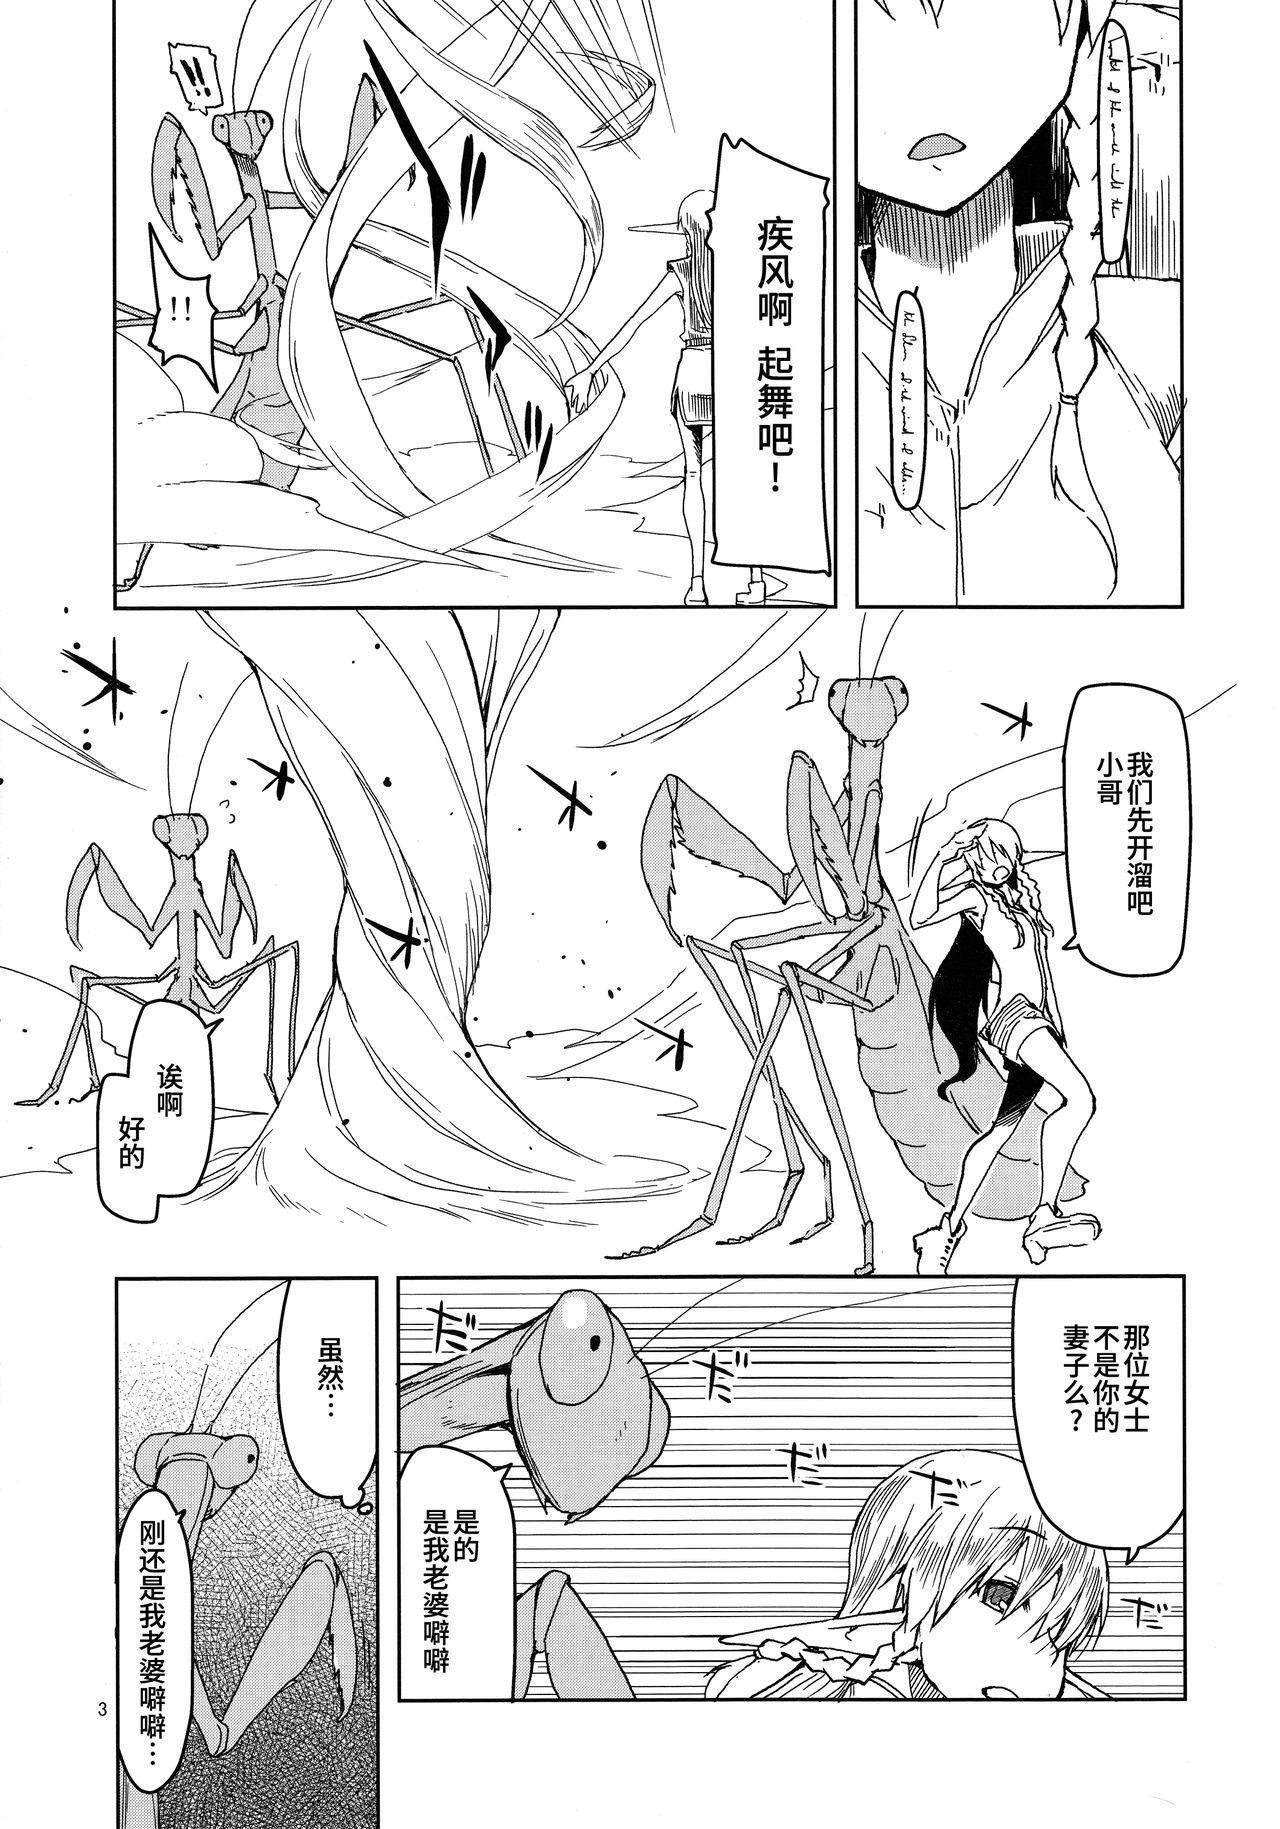 Dosukebe Elf no Ishukan Nikki 5 3